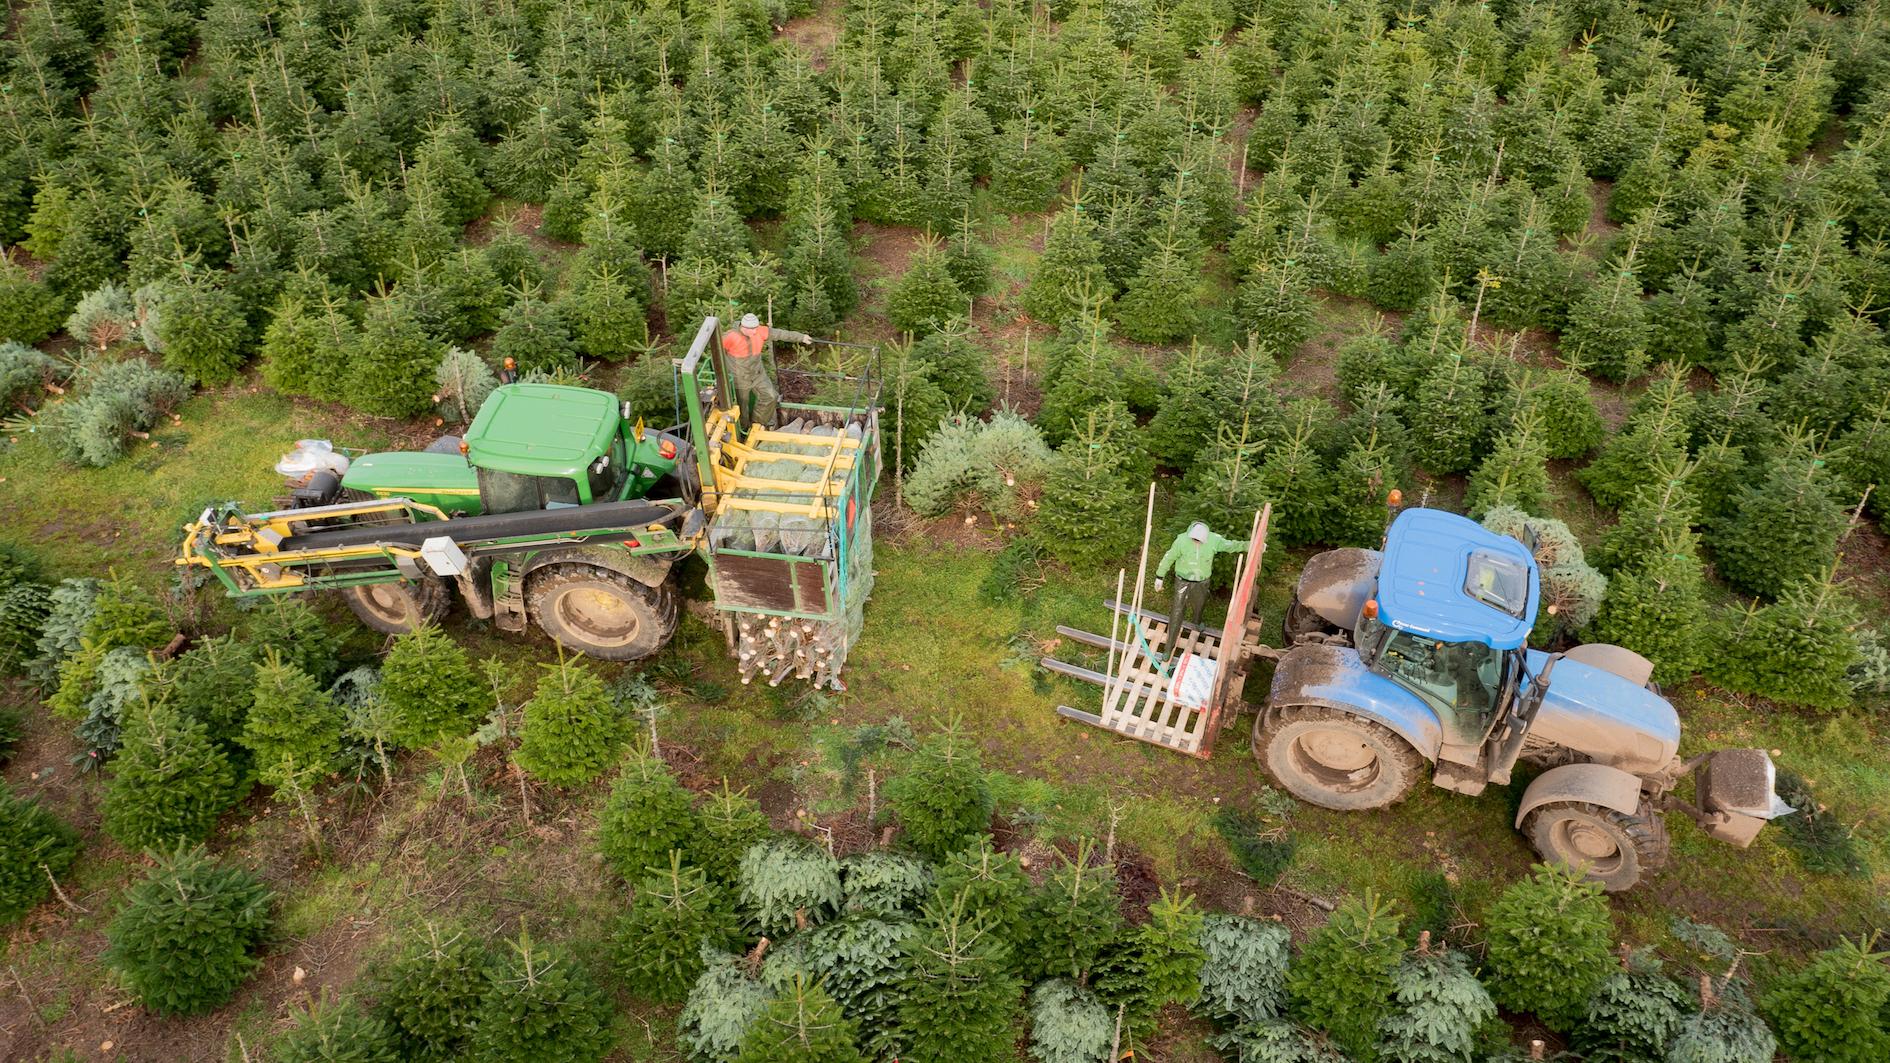 Christmas tree harvest aerial image